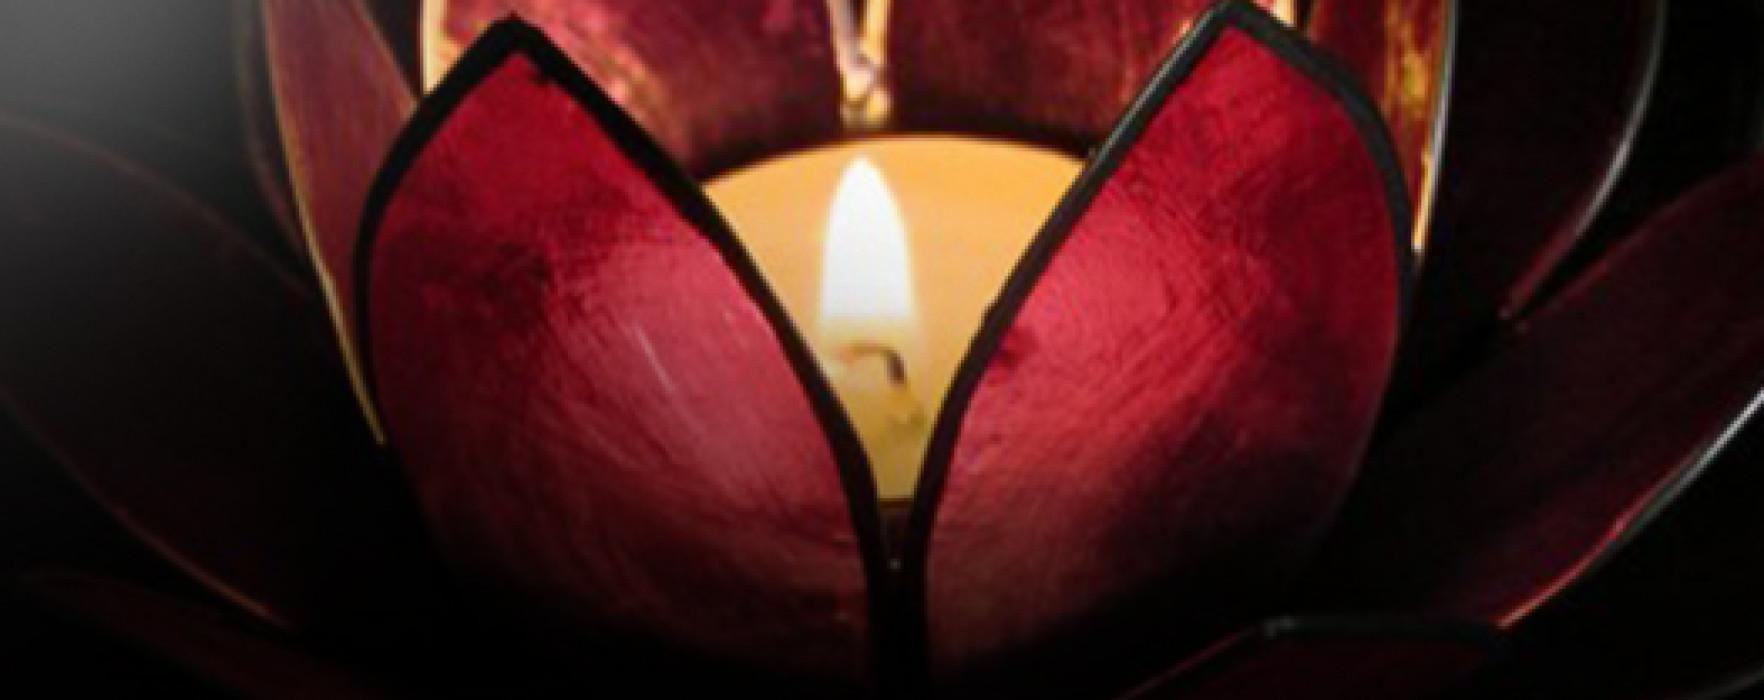 Základy meditace 3. část – rozvíjení myšlenky